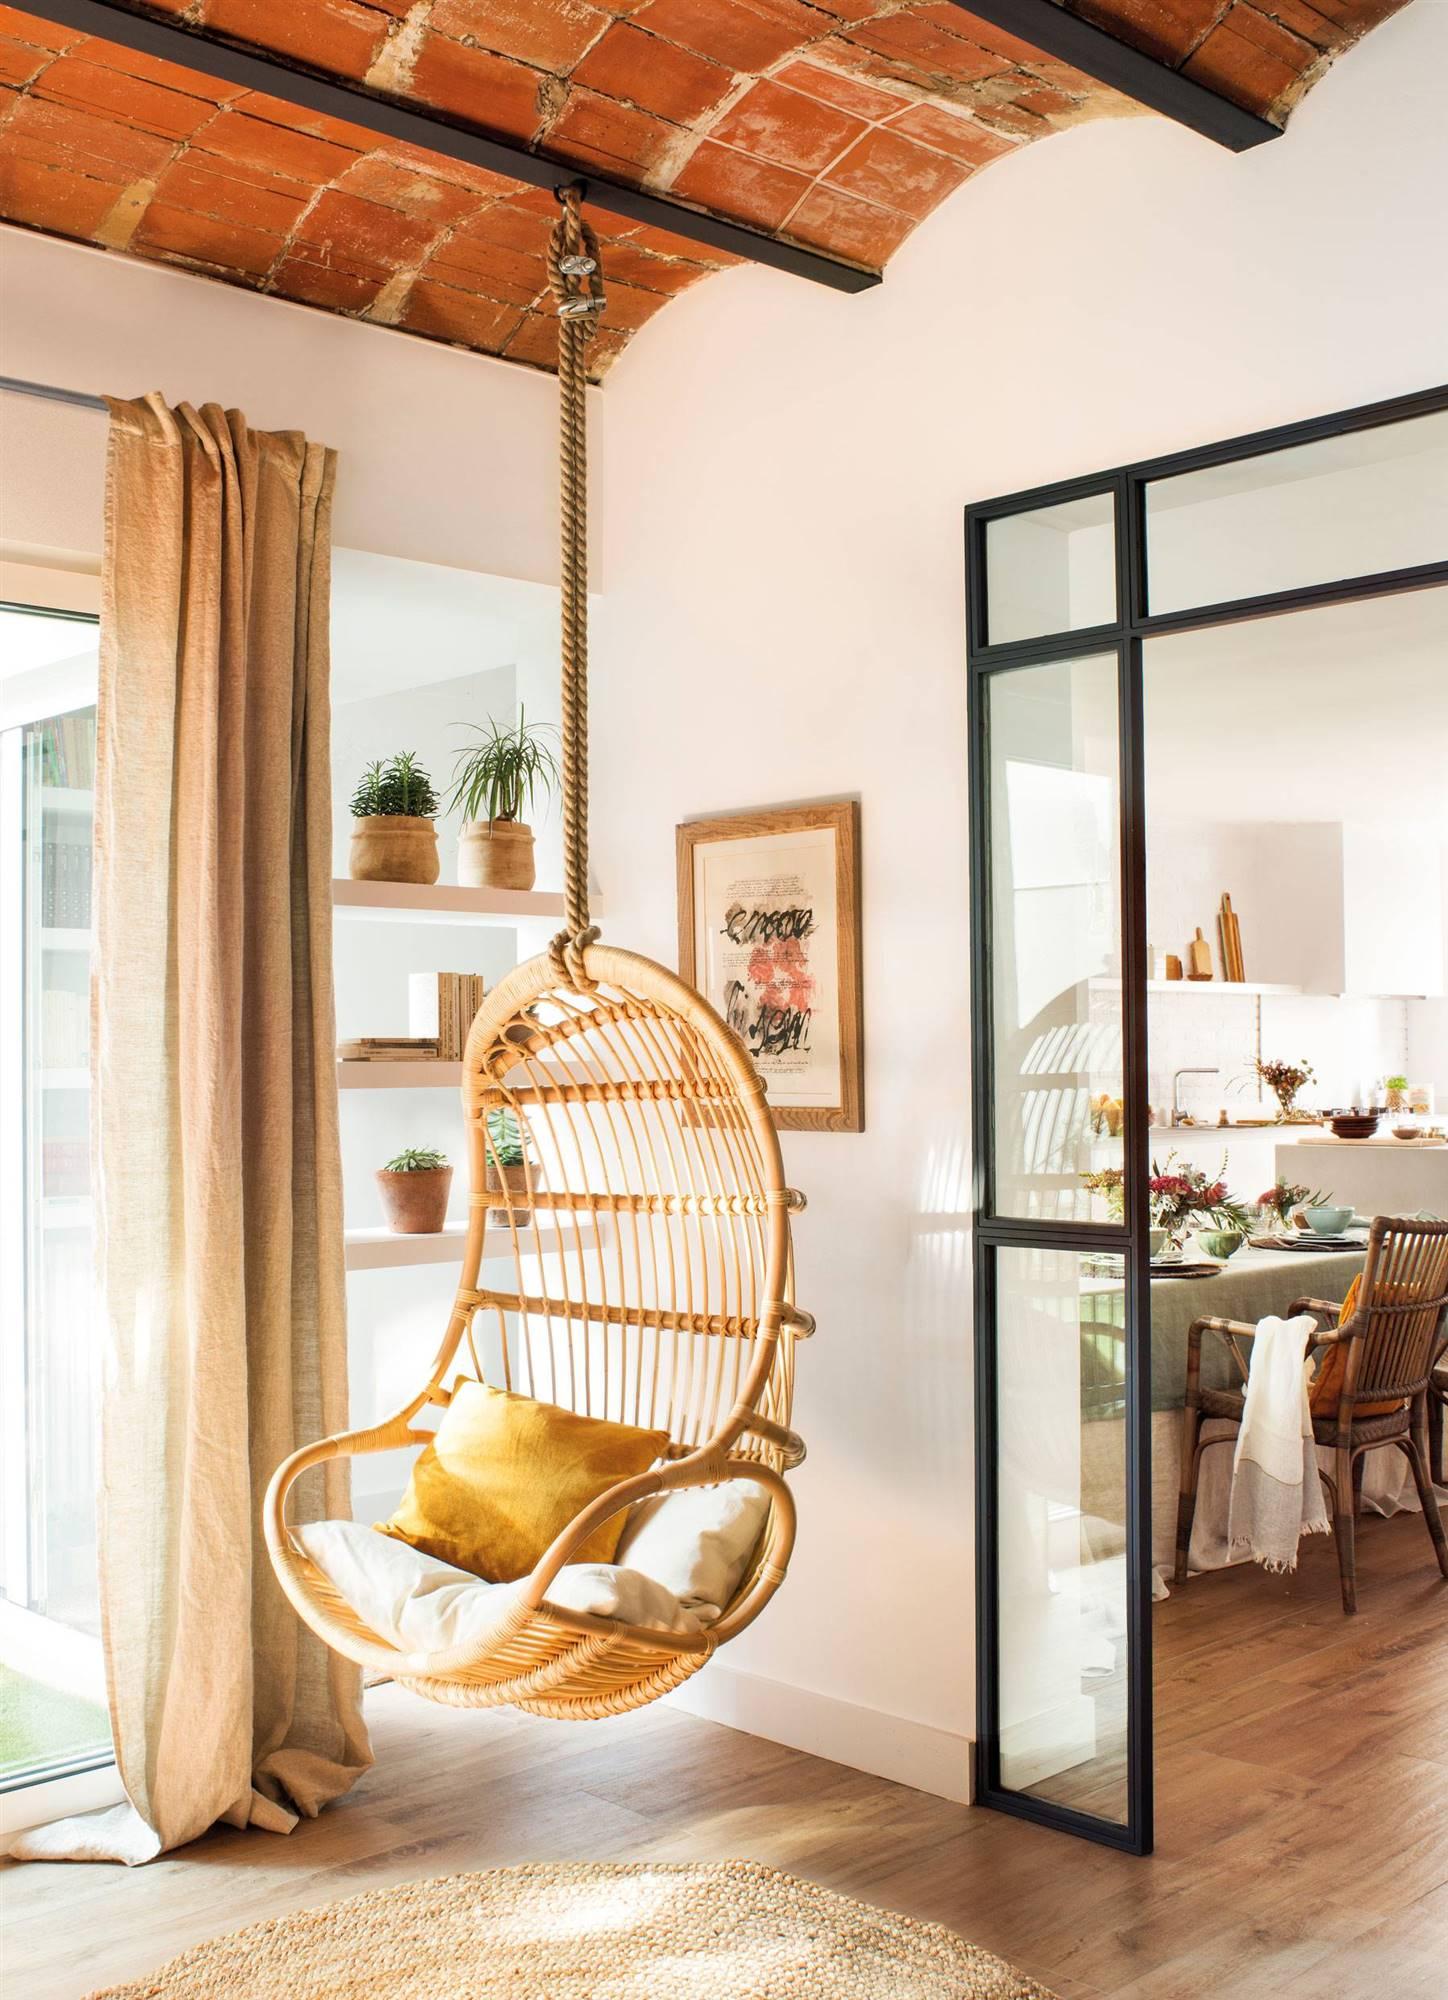 Porqué queremos una silla colgante en casa_12